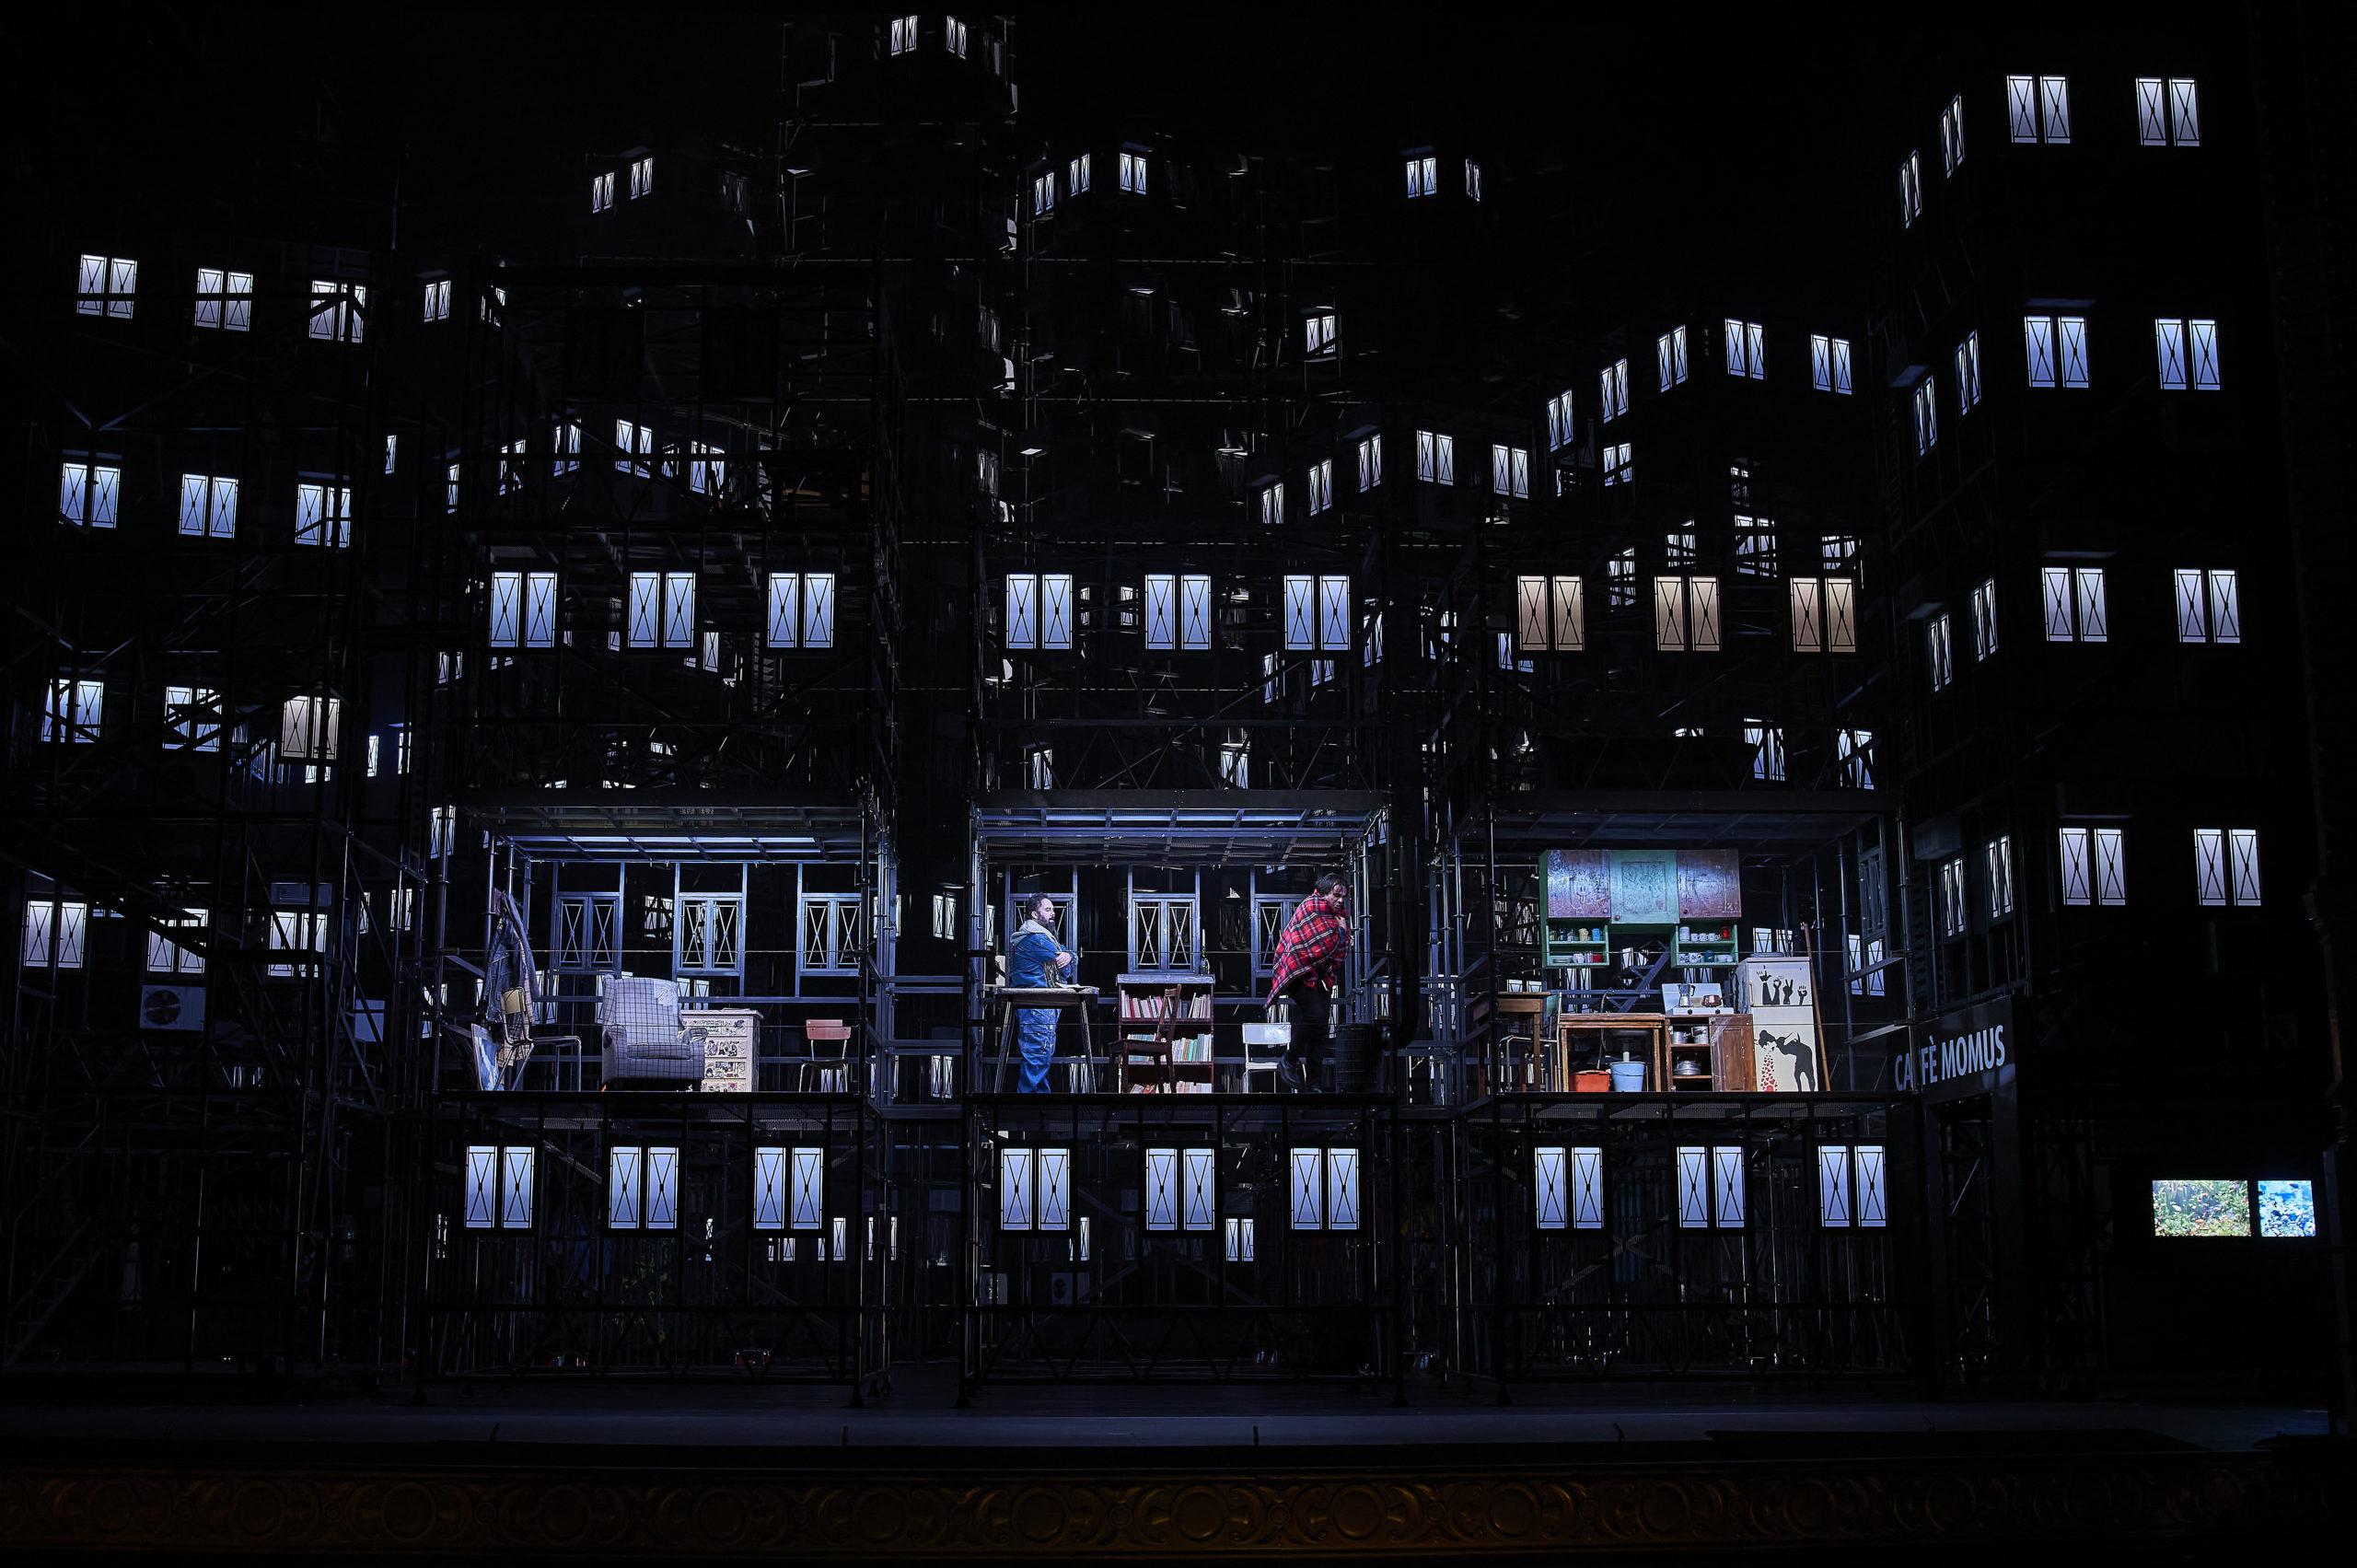 La Bohème en el Liceu. Las habitaciones del apartamento de los bohemios. ©David Ruano